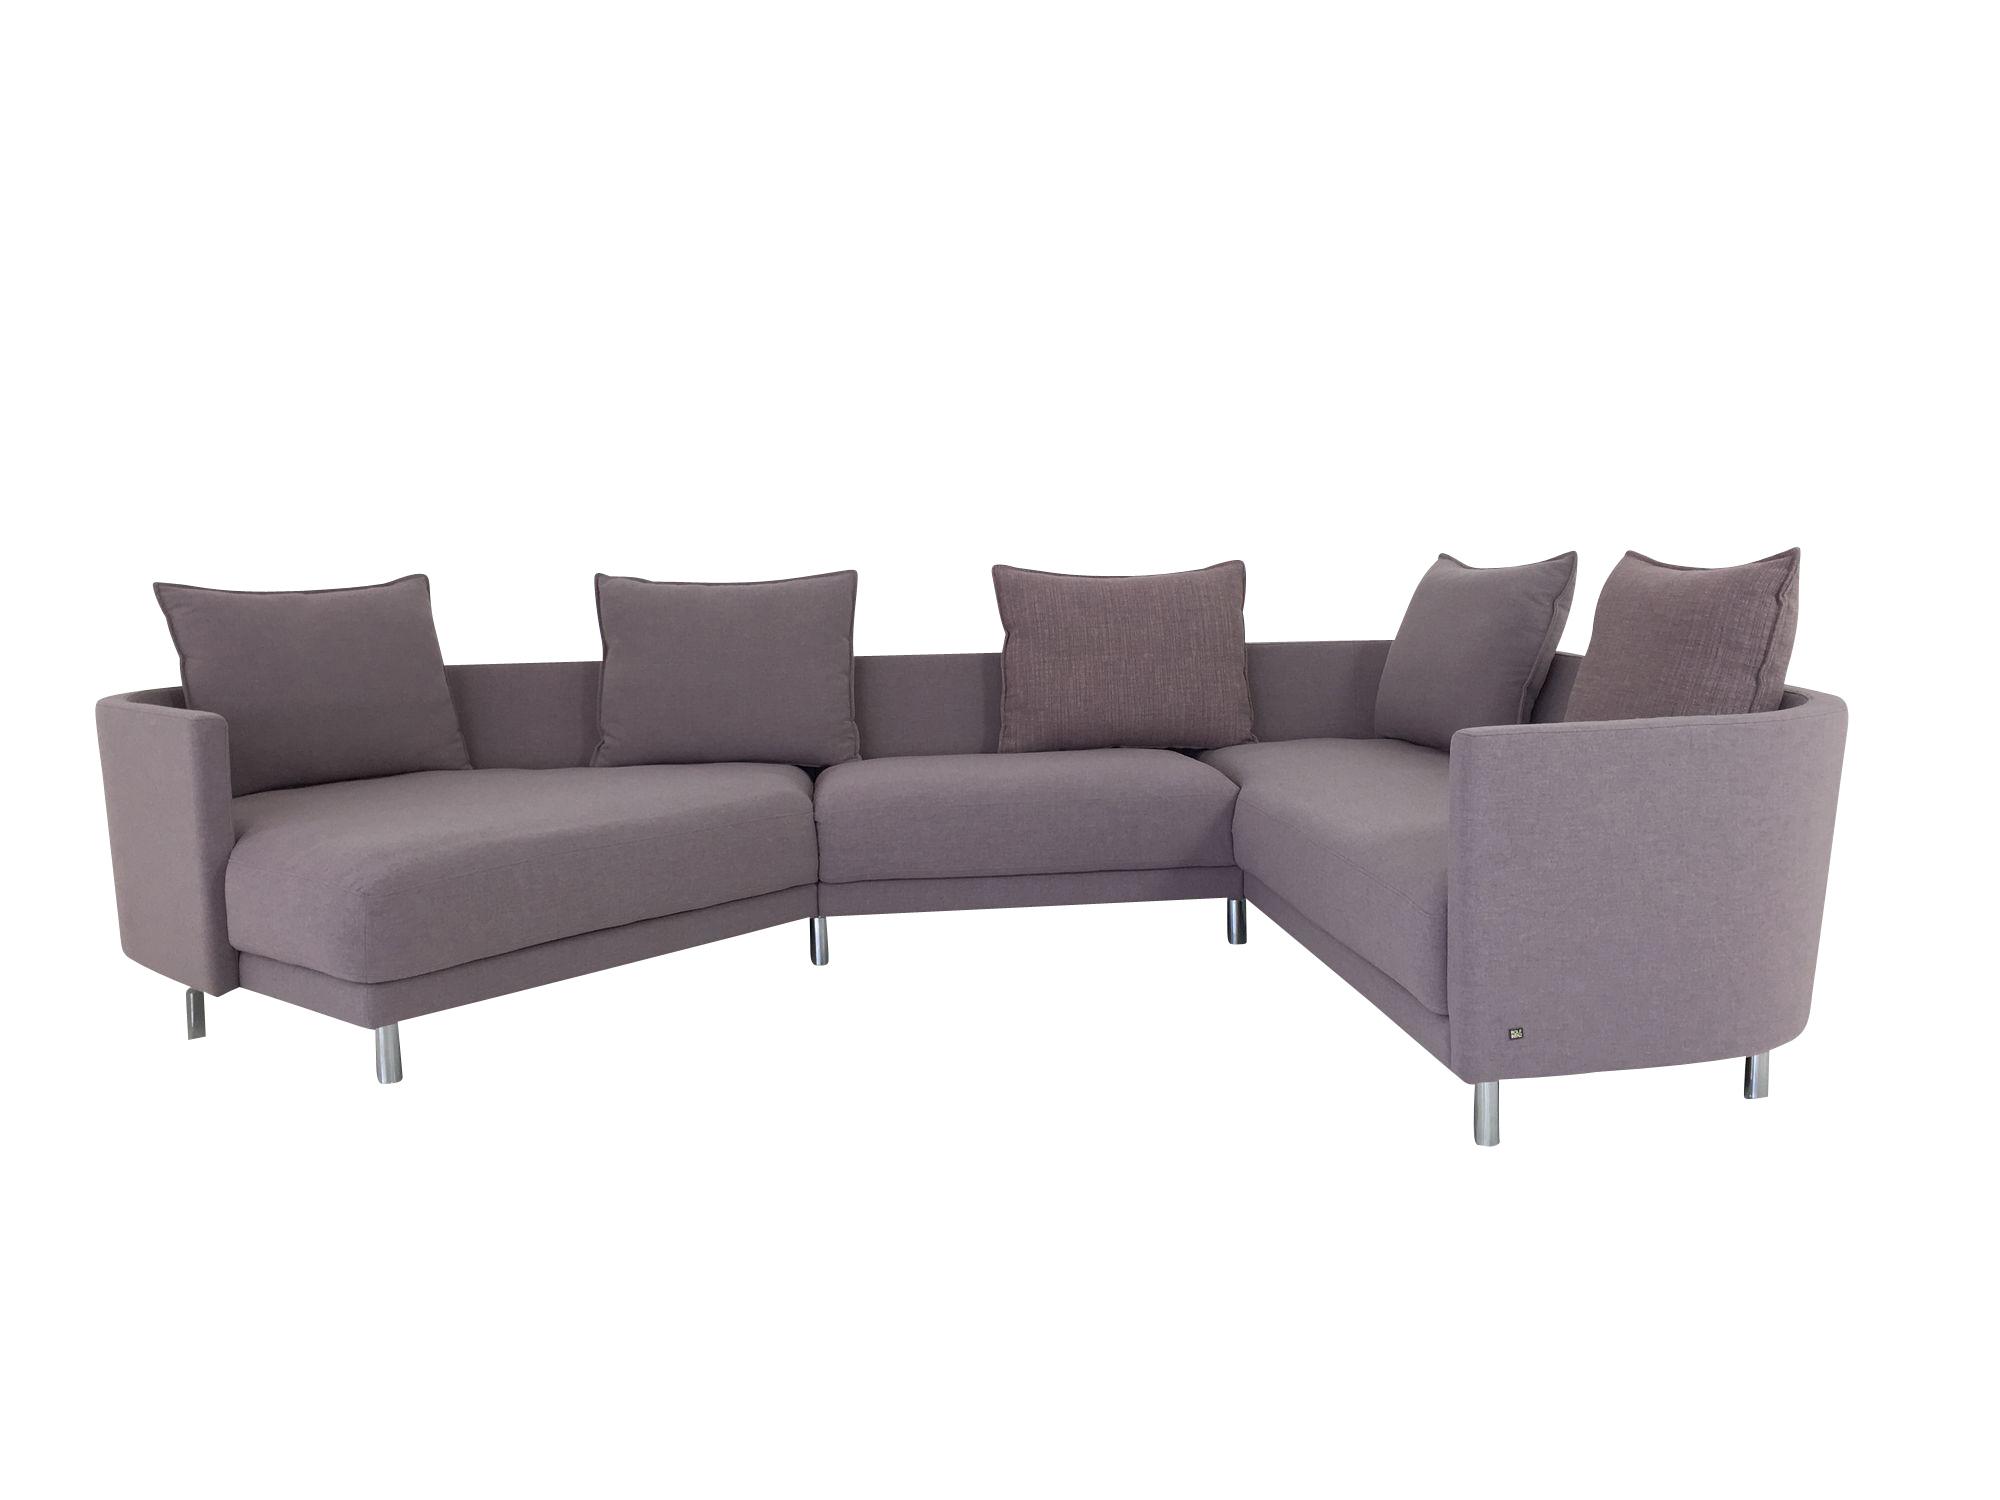 rolf benz onda ecksofa mit bertiefer recamiere in stoff graurose mit passenden r ckenkissen. Black Bedroom Furniture Sets. Home Design Ideas